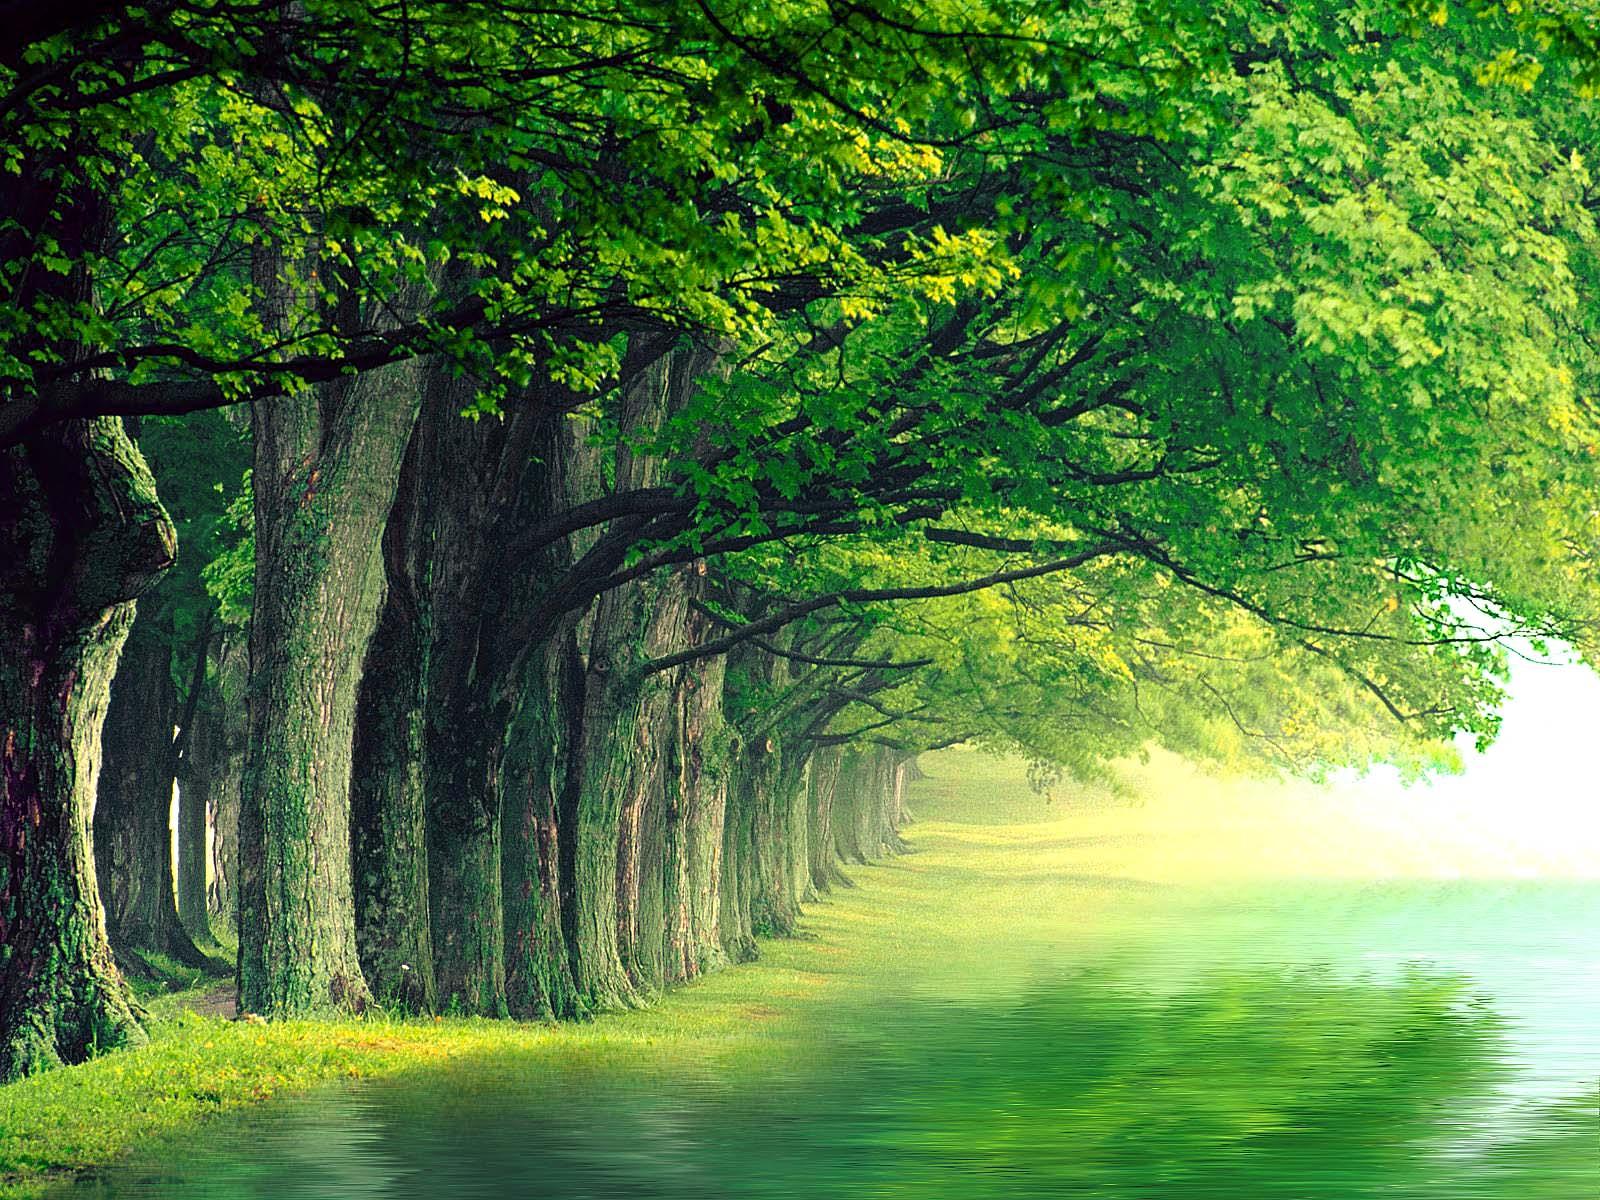 بالصور جمال الطبيعة , شاهد بالصور ابداع الخالق فى جمال الطبيعة 454 11